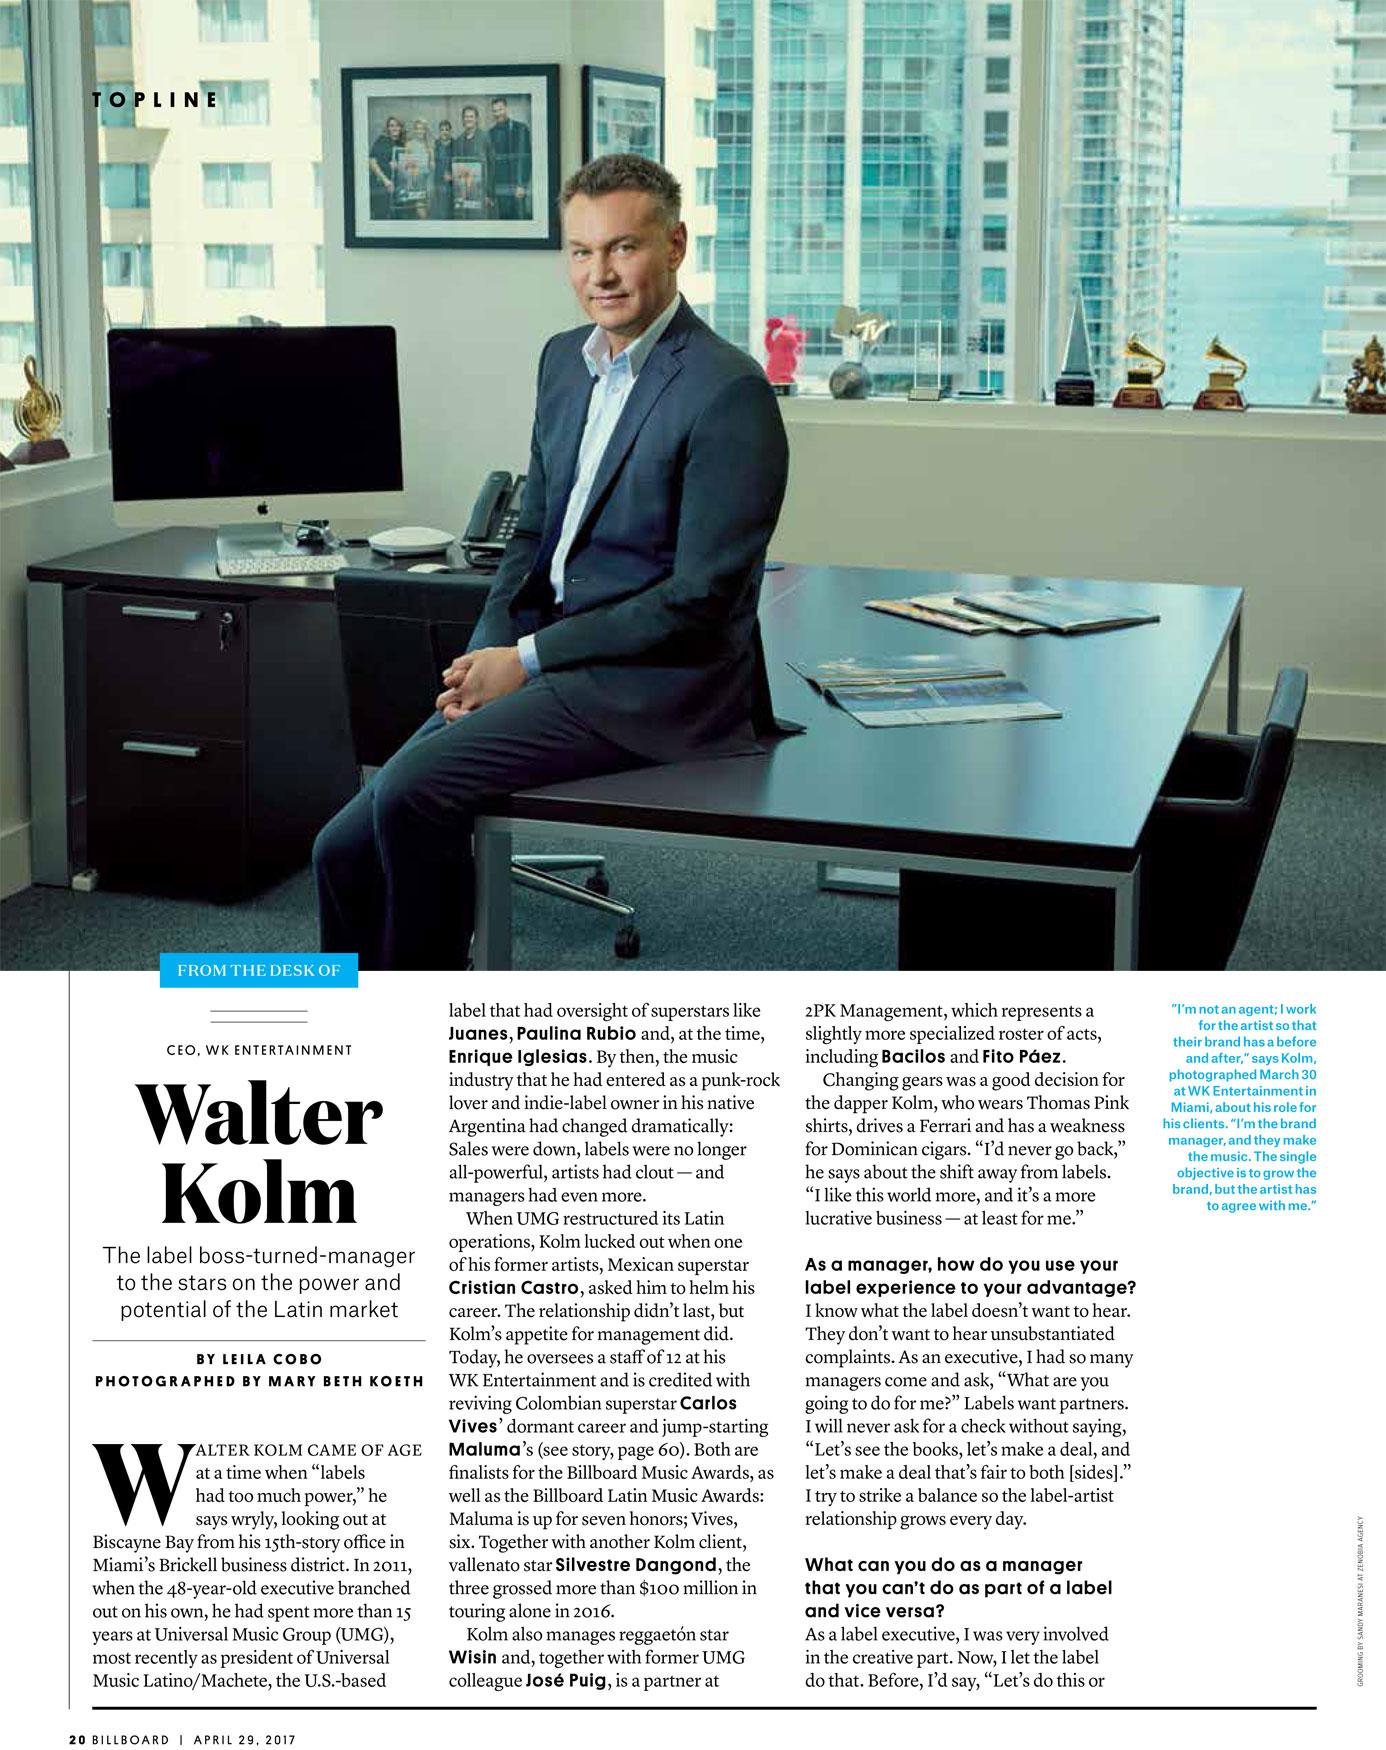 Billboard_Walter Kolm